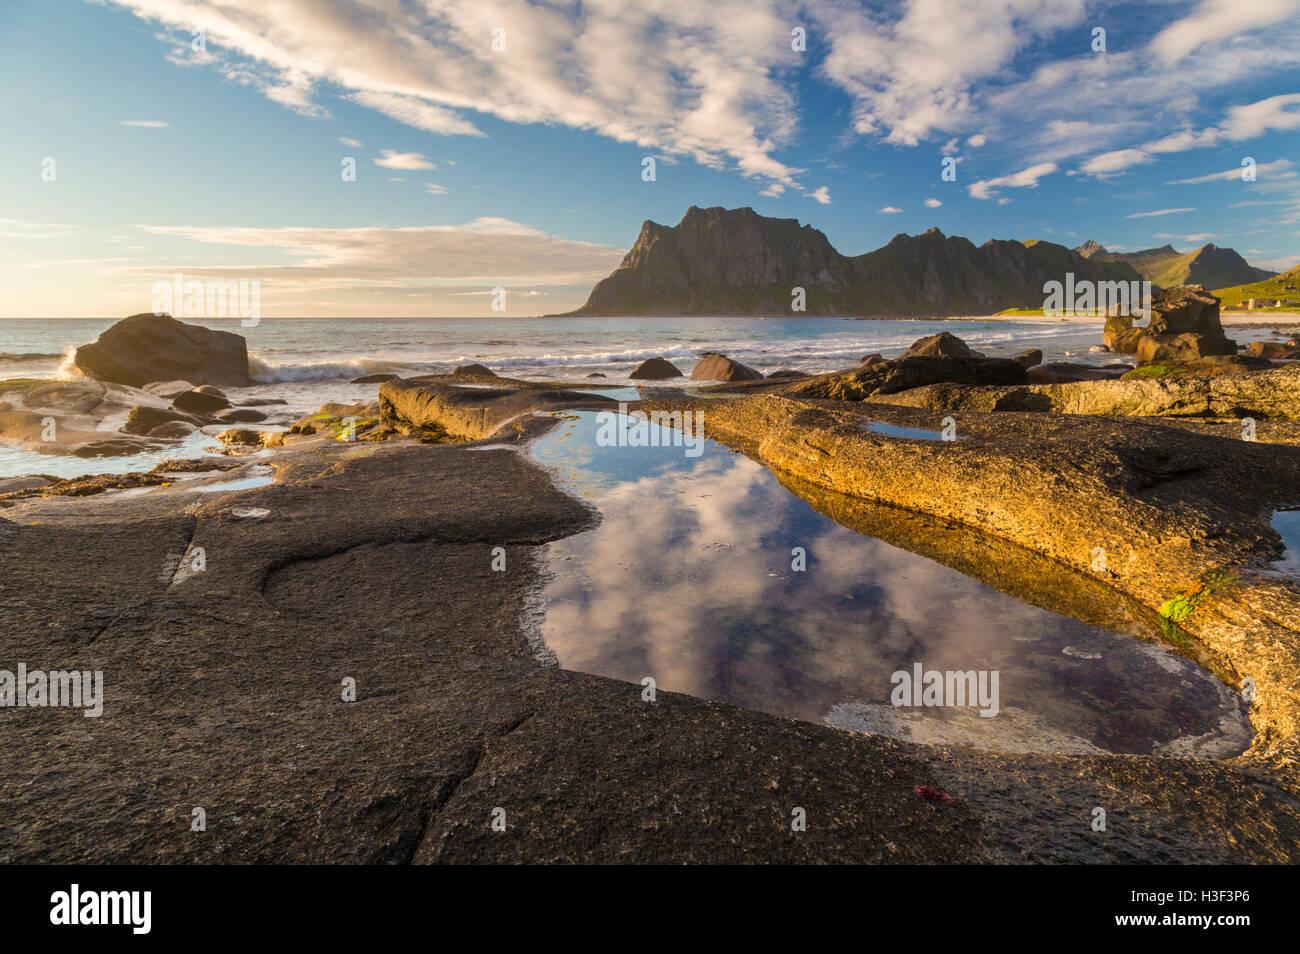 Felsen im Abendlicht mit warmen Licht auf sie mit Himmel reflektiert in einem Wasserbecken, hohen Bergen im Hintergrund, Stockbild